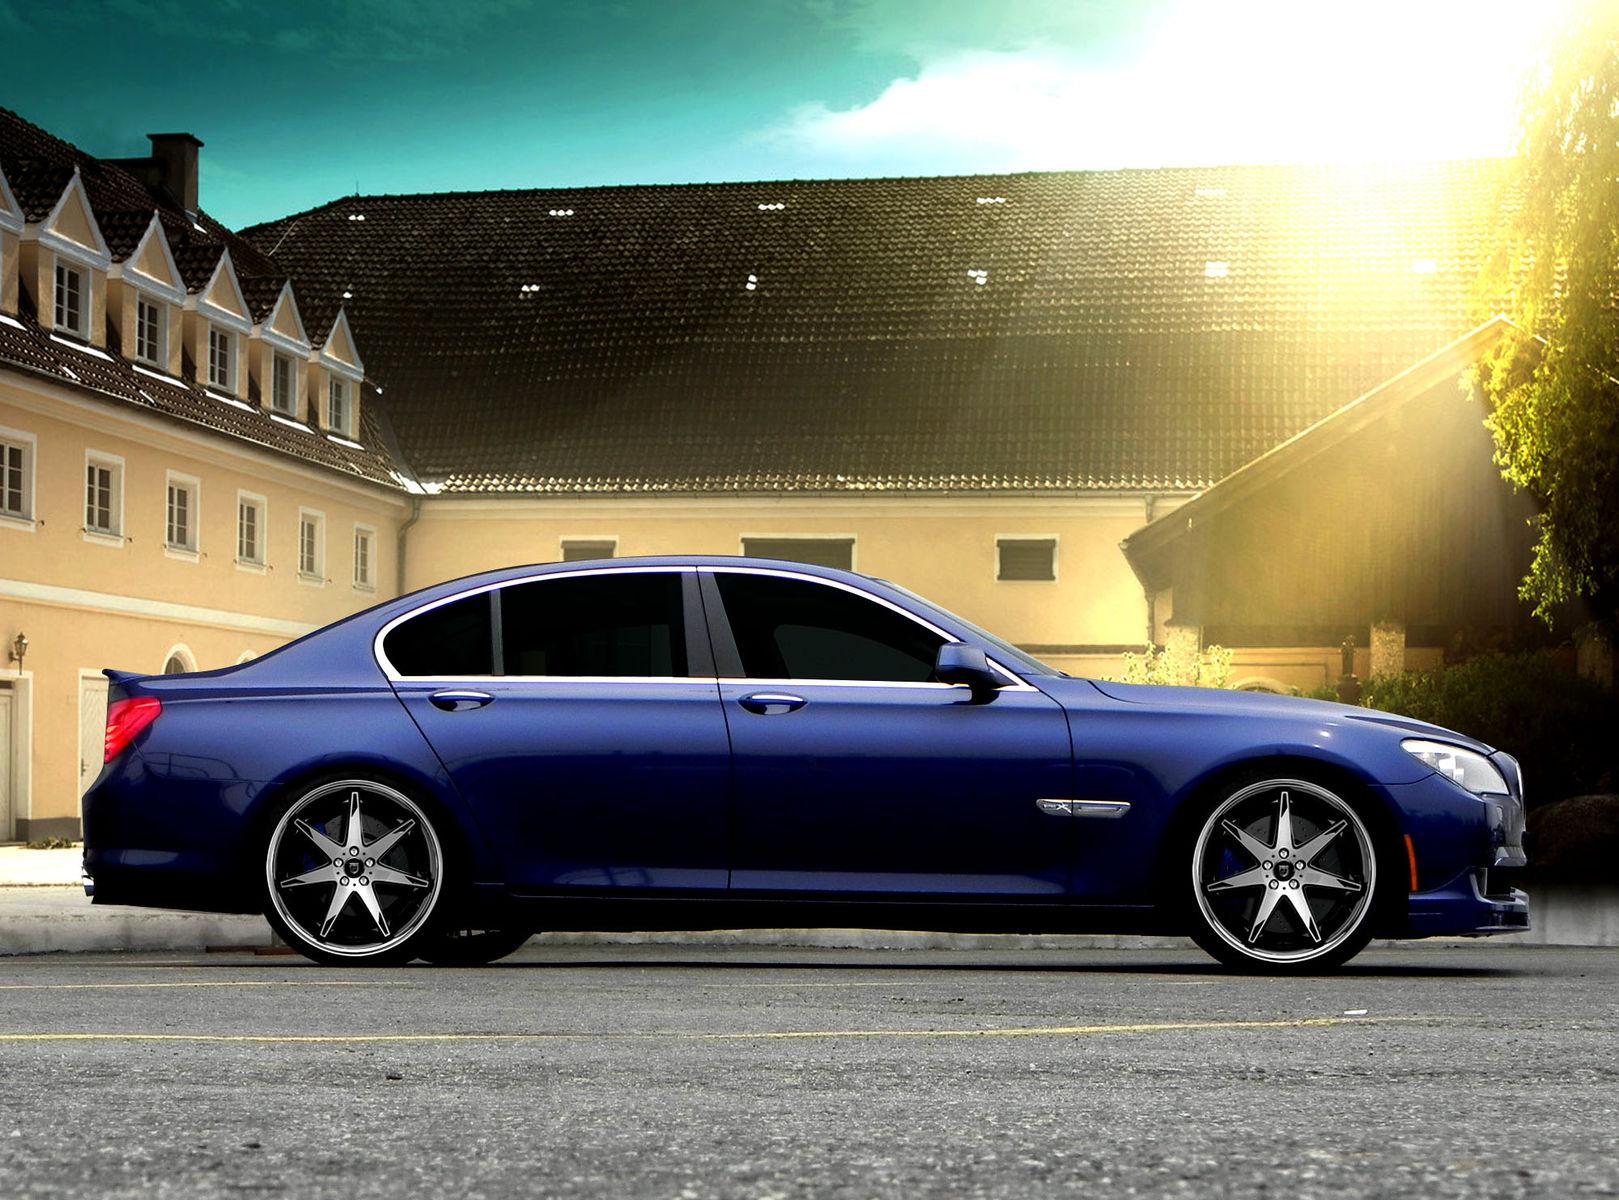 2012 BMW 7 Series | BMW 7-series on Lexani R-Fourteen's